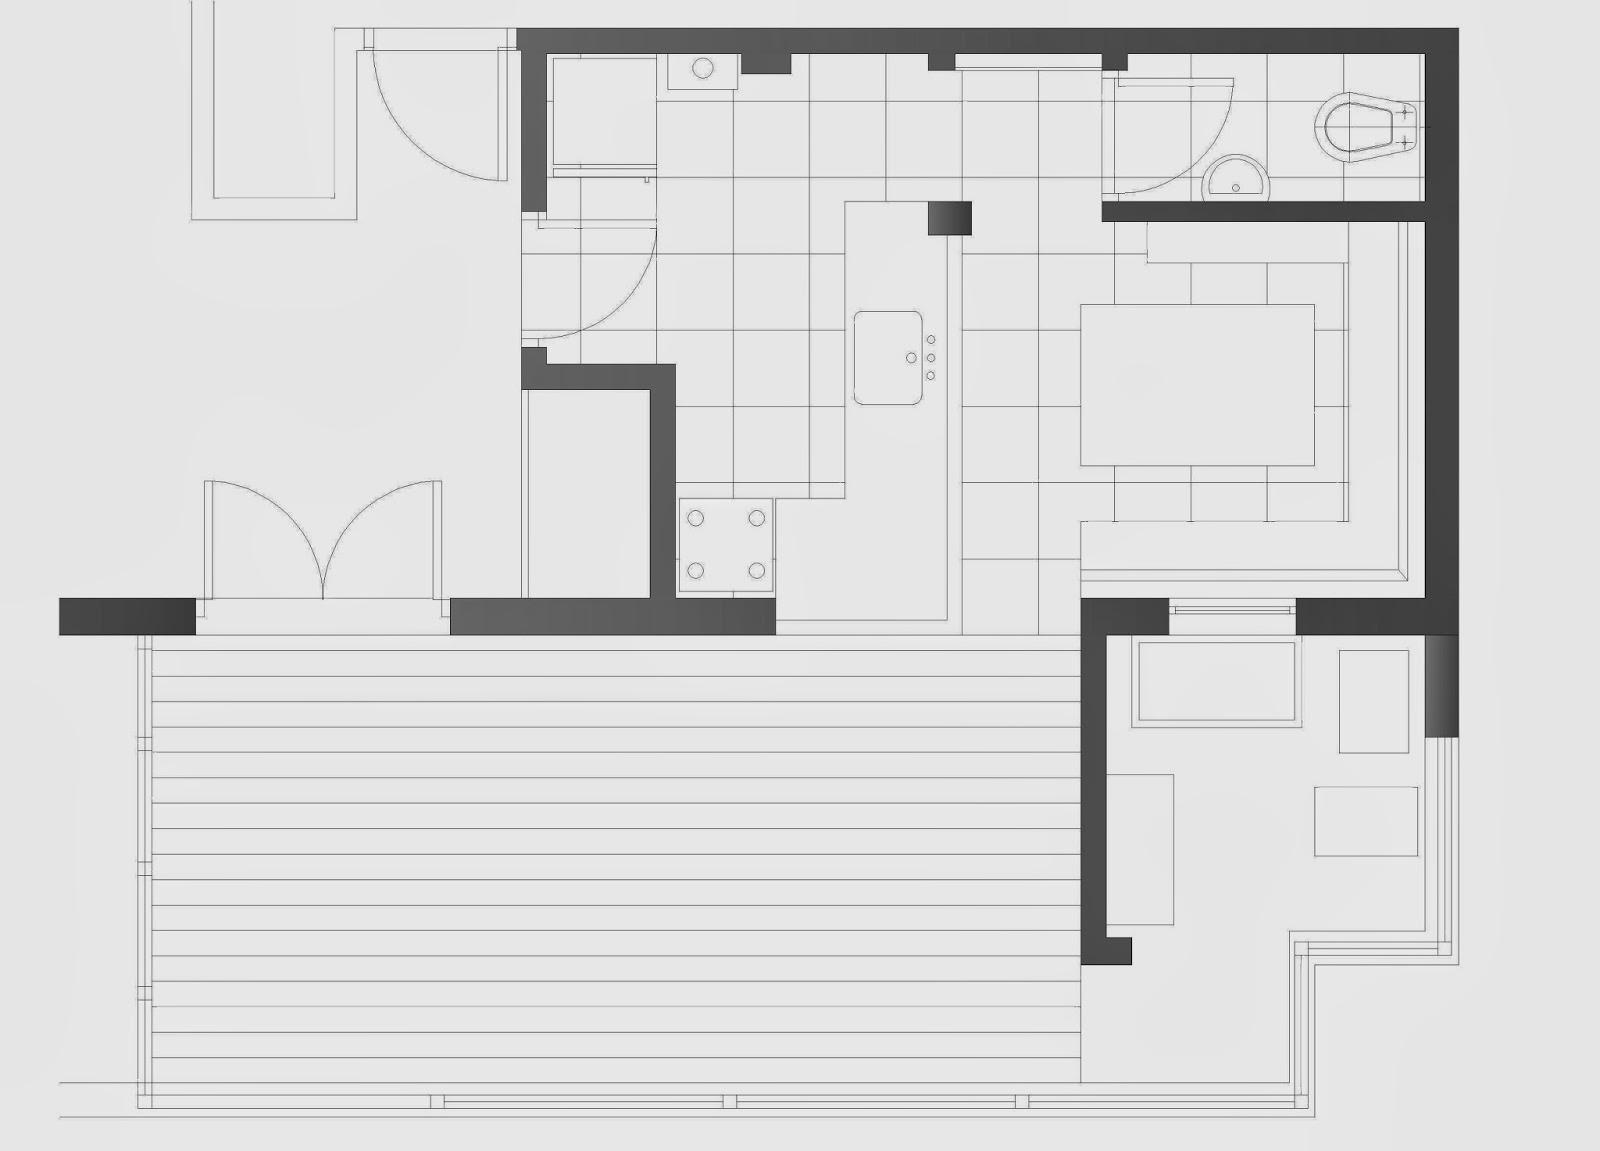 Arquitectura a tu medida.: Remodelacion de un departamento